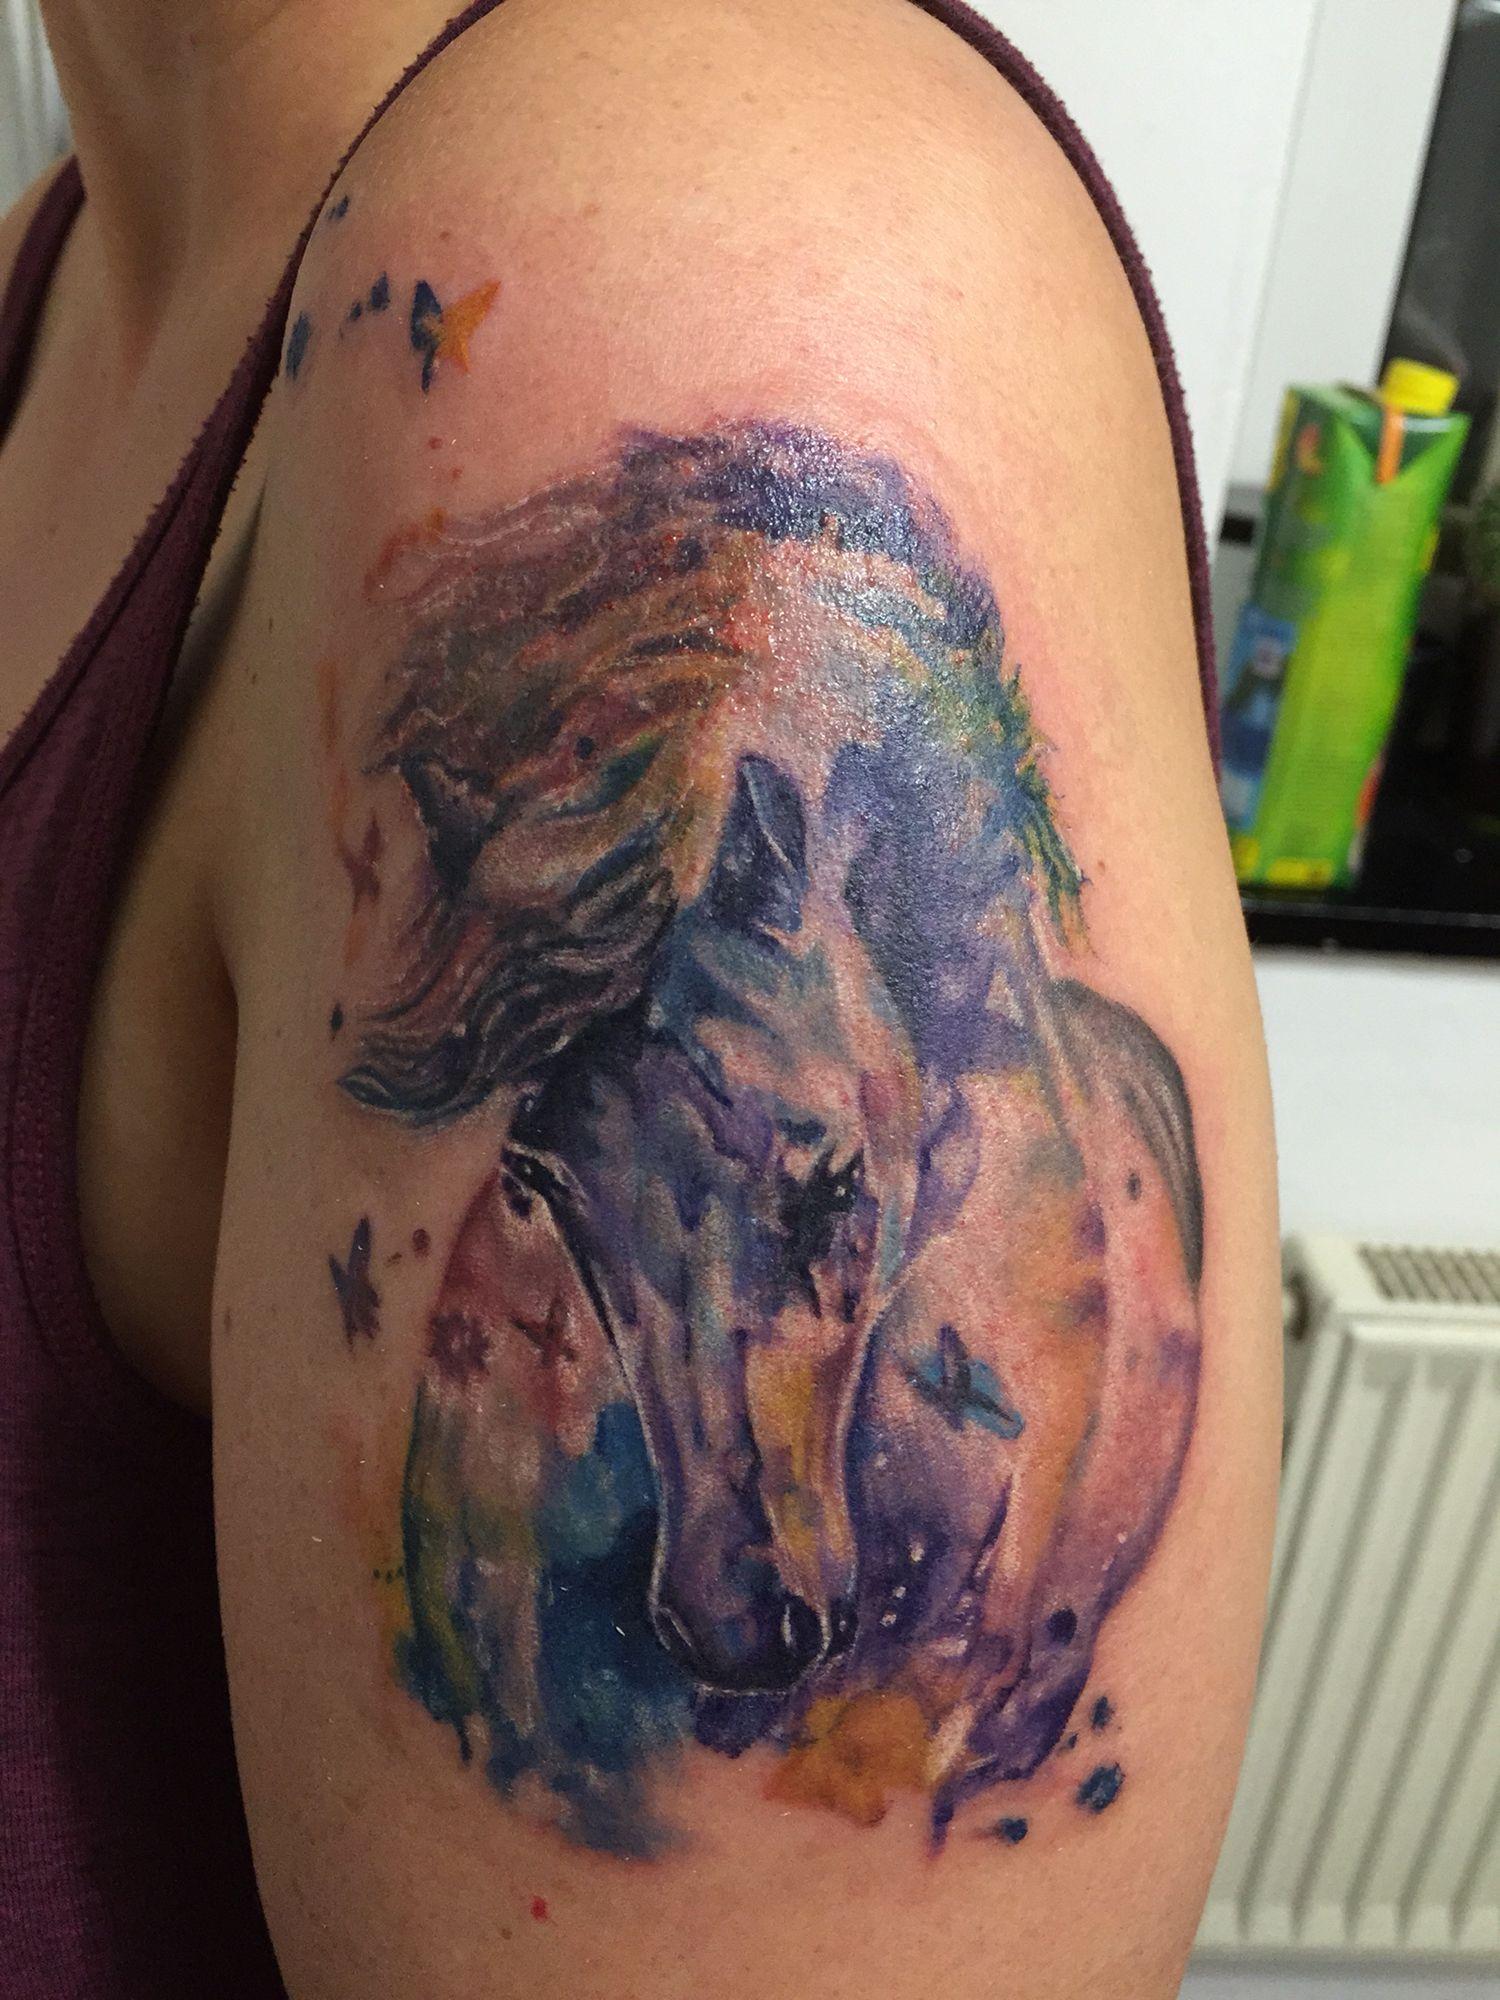 Tattoo Watercolor Pferd Scar Tattoo Tattoos Watercolor Tattoo